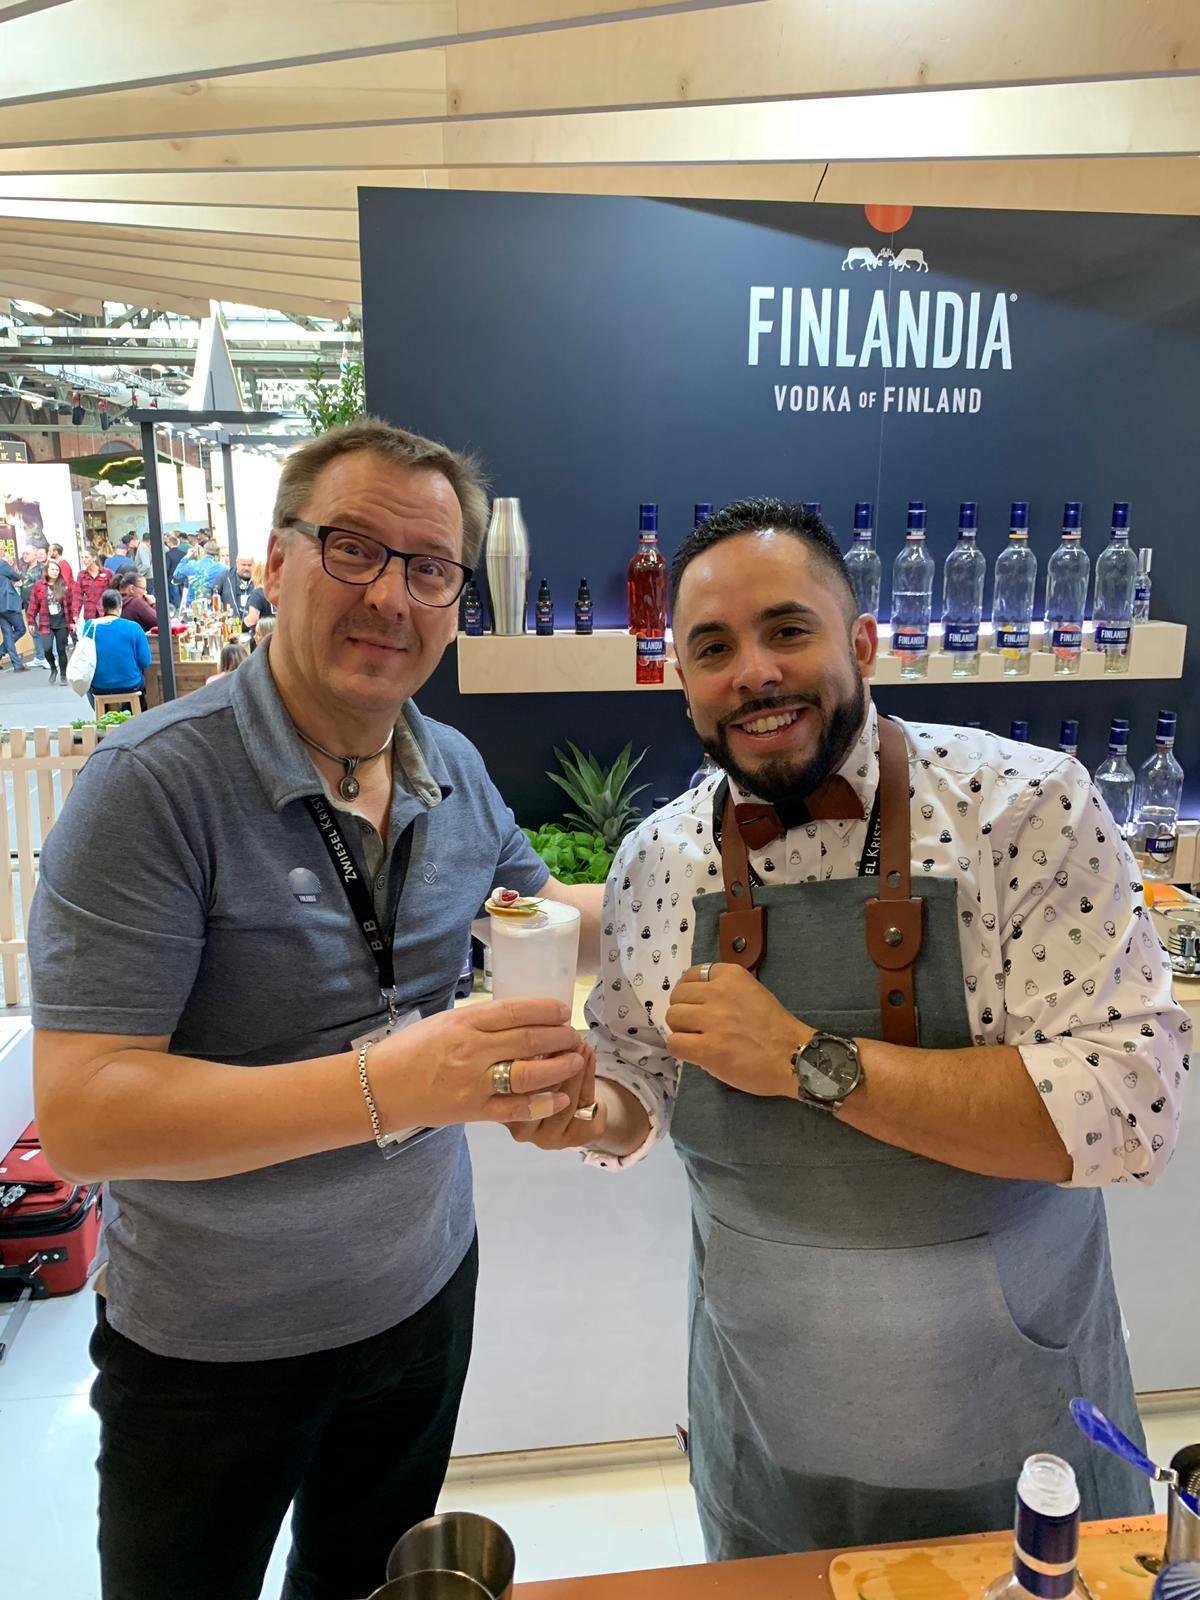 Markku Raittinen, Master Taster de vodka Finlandia escucha la descripción del cóctel, que contiene vodka Finlandia, sirope de romero, jugo de limón y Peyshaud's bitters, o amargos aromáticos florales.